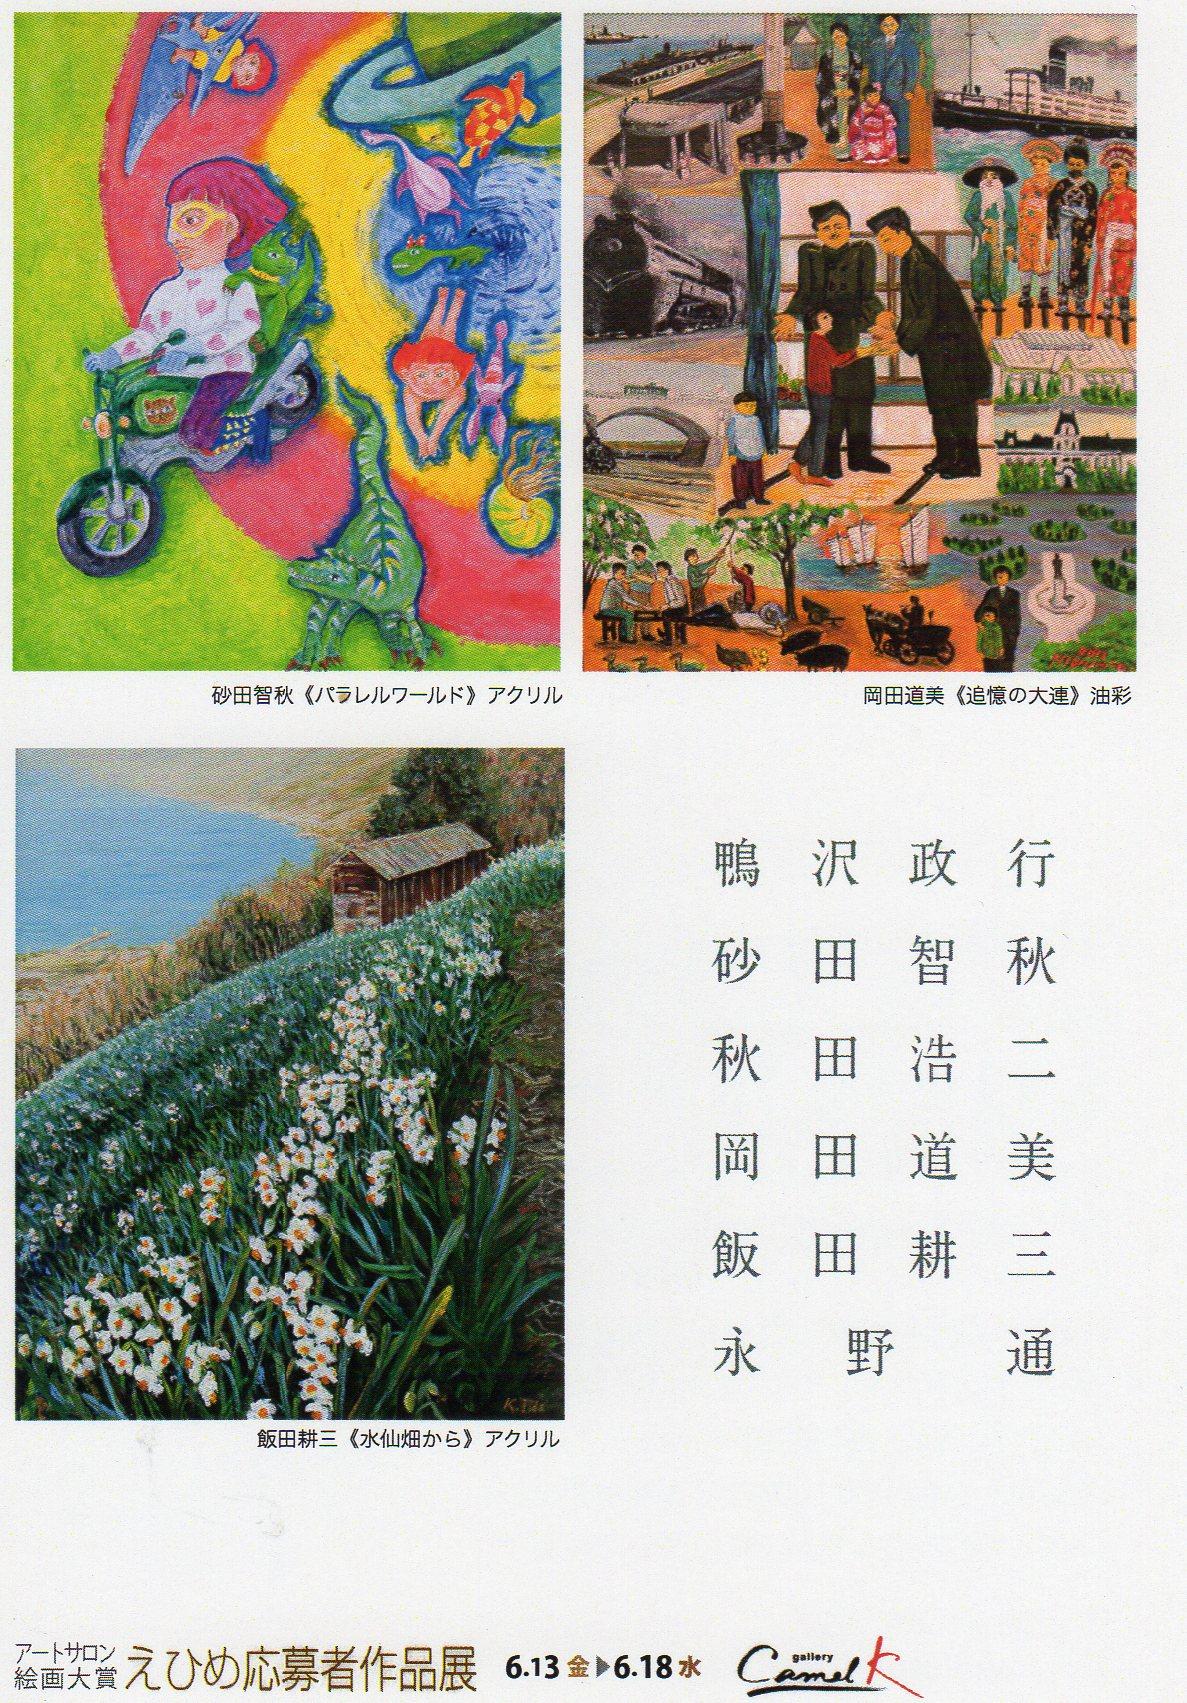 アートサロン絵画大賞 えひめ応募者作品展